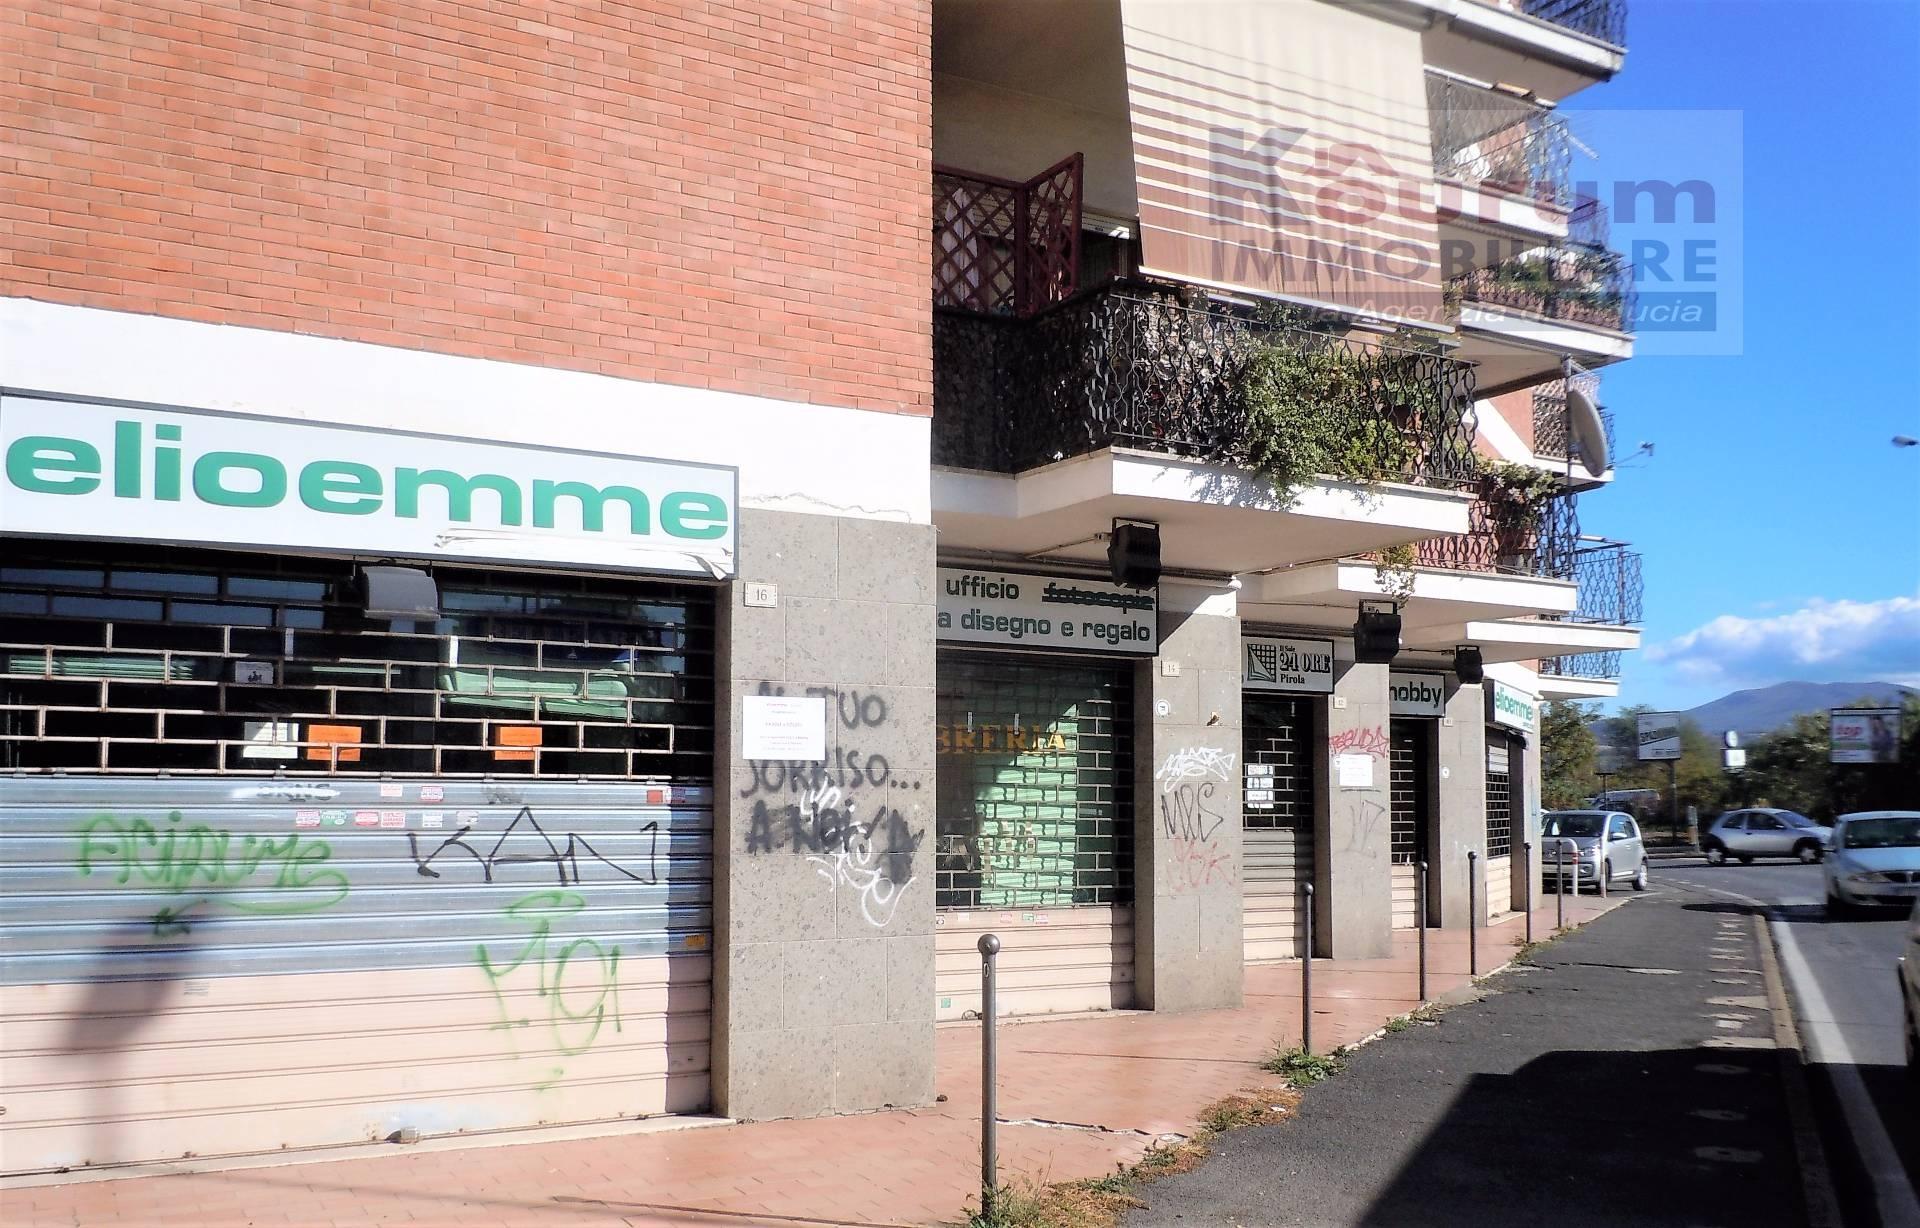 Negozio / Locale in vendita a Ciampino, 9999 locali, zona Località: Kennedy, prezzo € 540.000 | CambioCasa.it